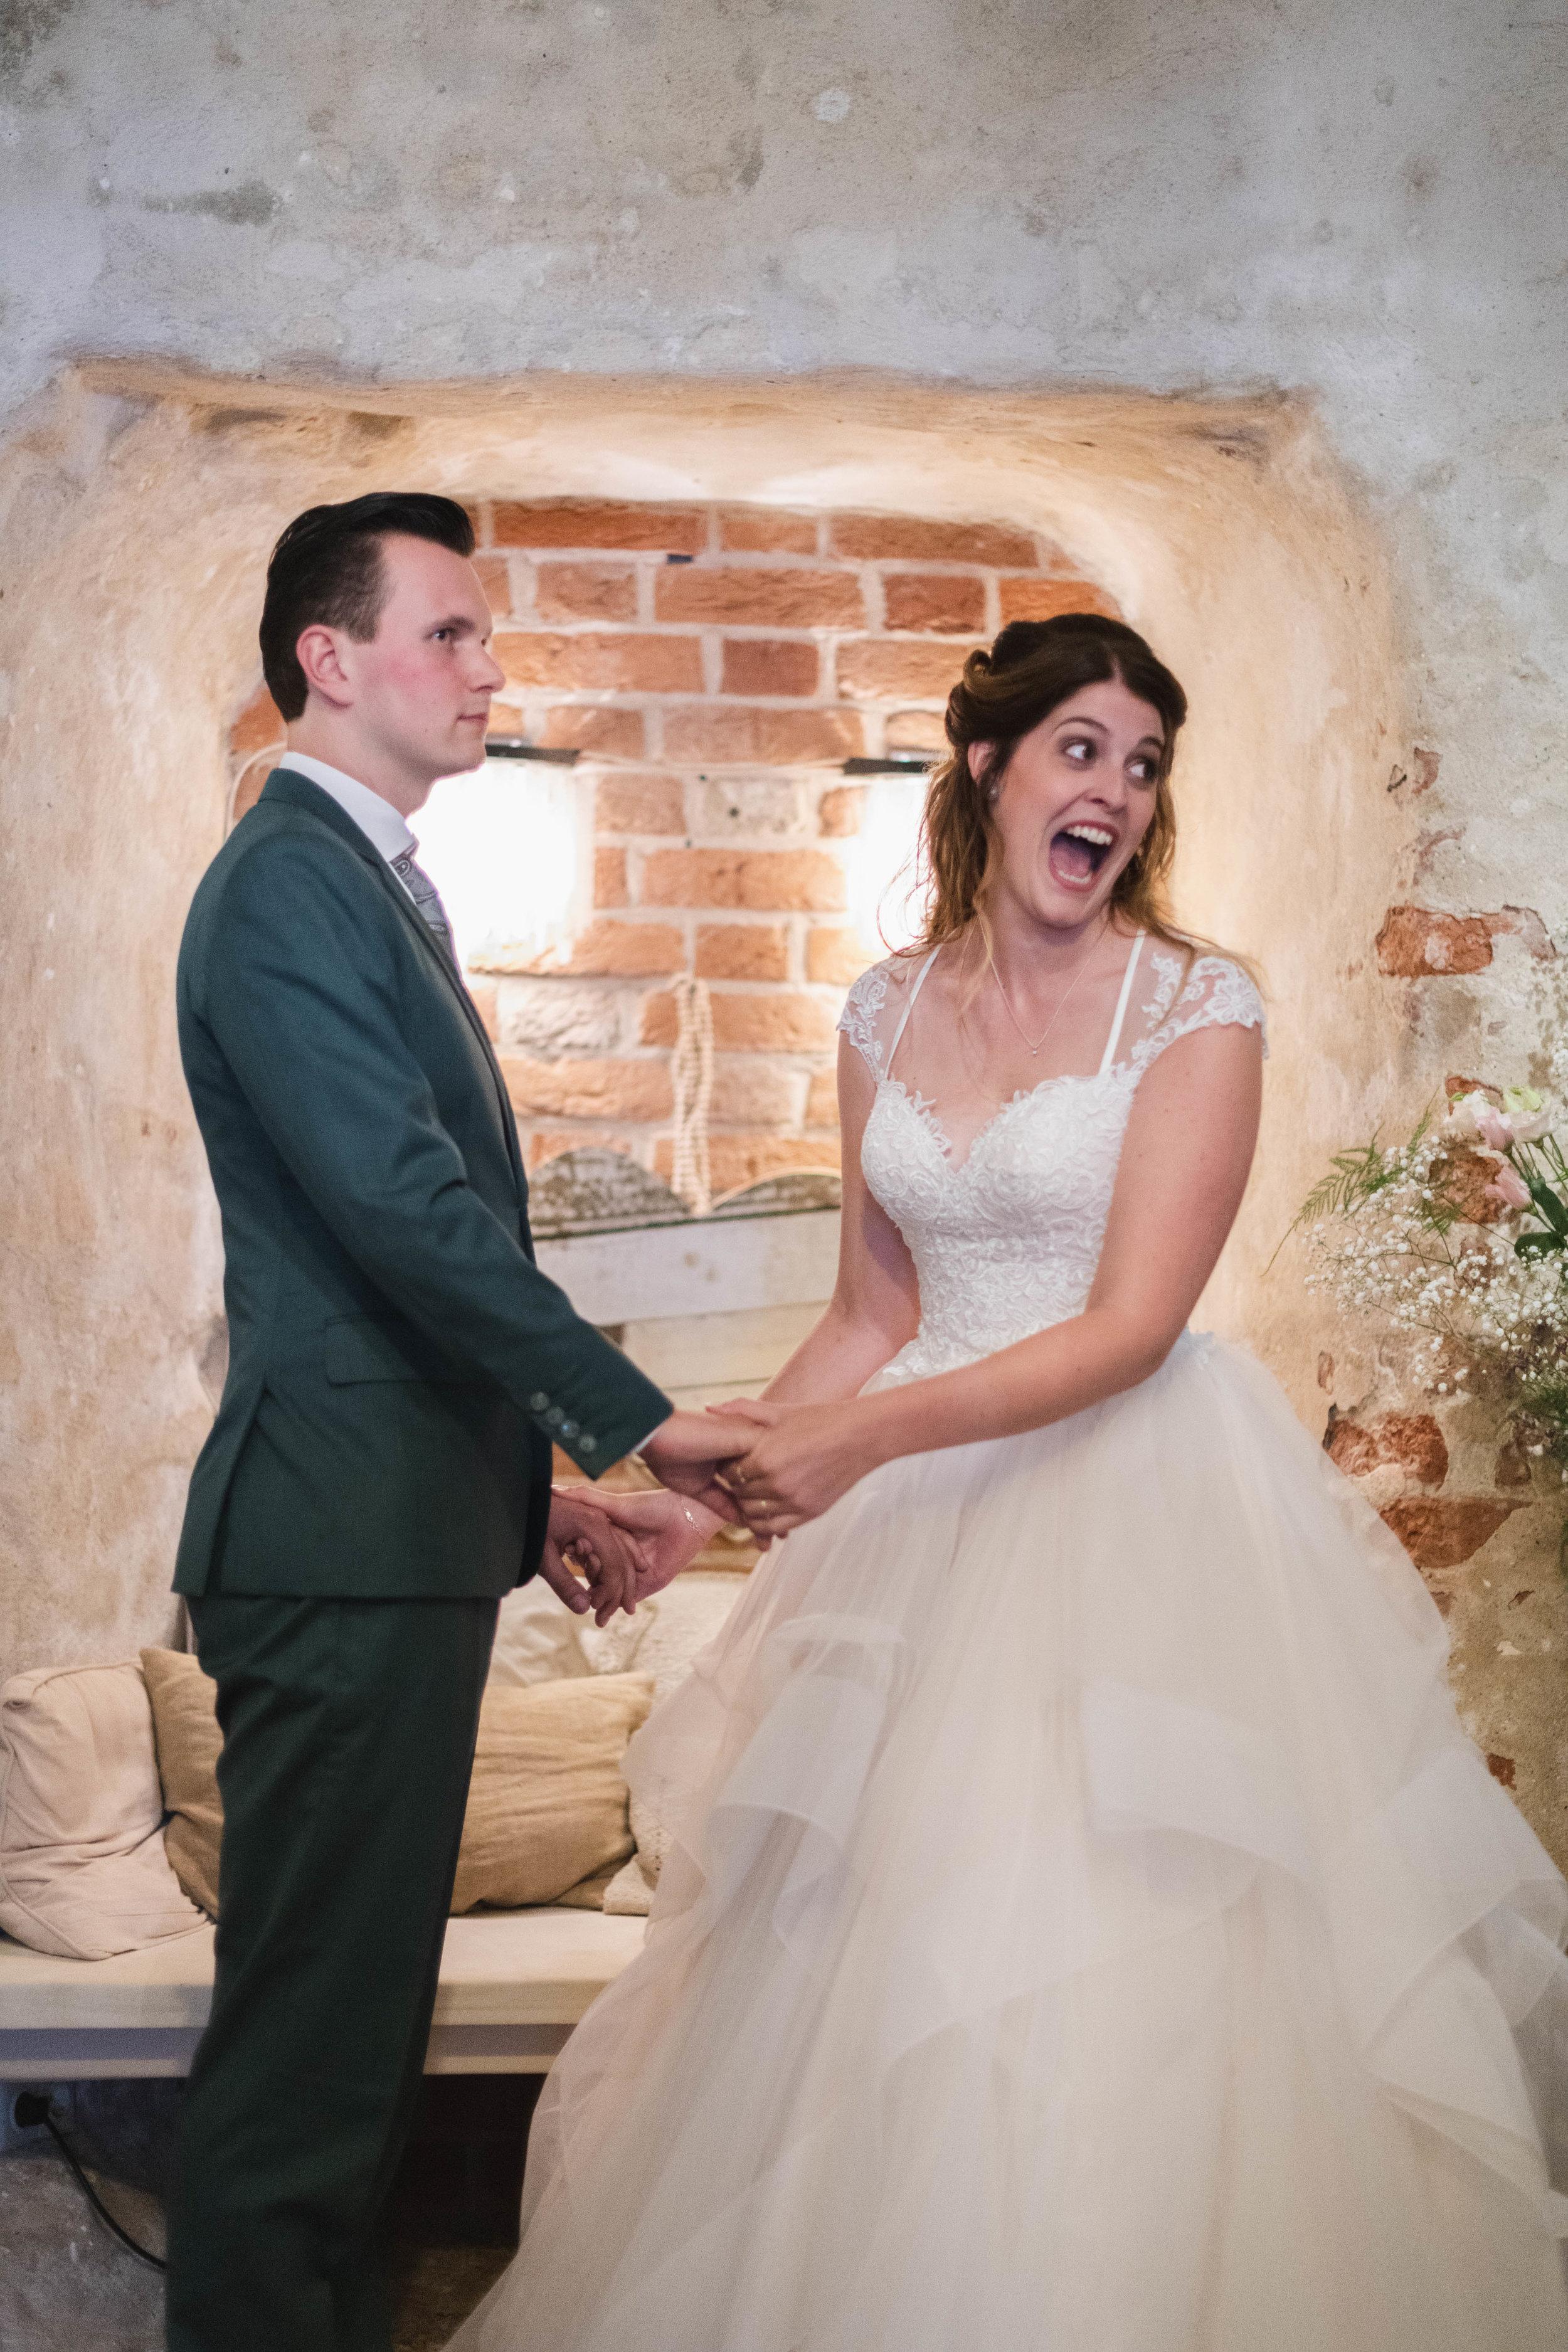 Een enthousiaste bruid vlak na haar ja-woord tijdens de trouwceremonie. De trouwreportage maakte ik op een bruiloft in Duurstede.